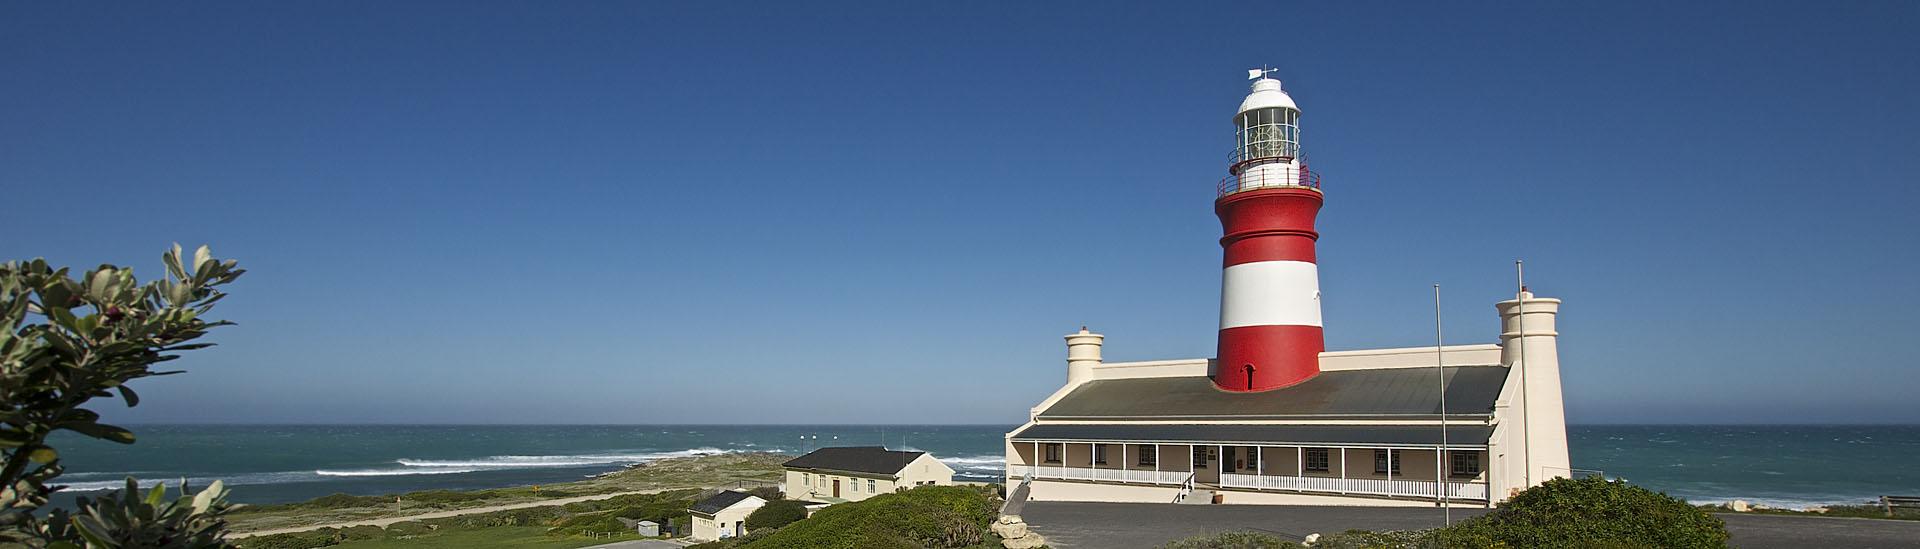 Leuchtturm, Cape Agulhas, Overberg, Garden Route Tour